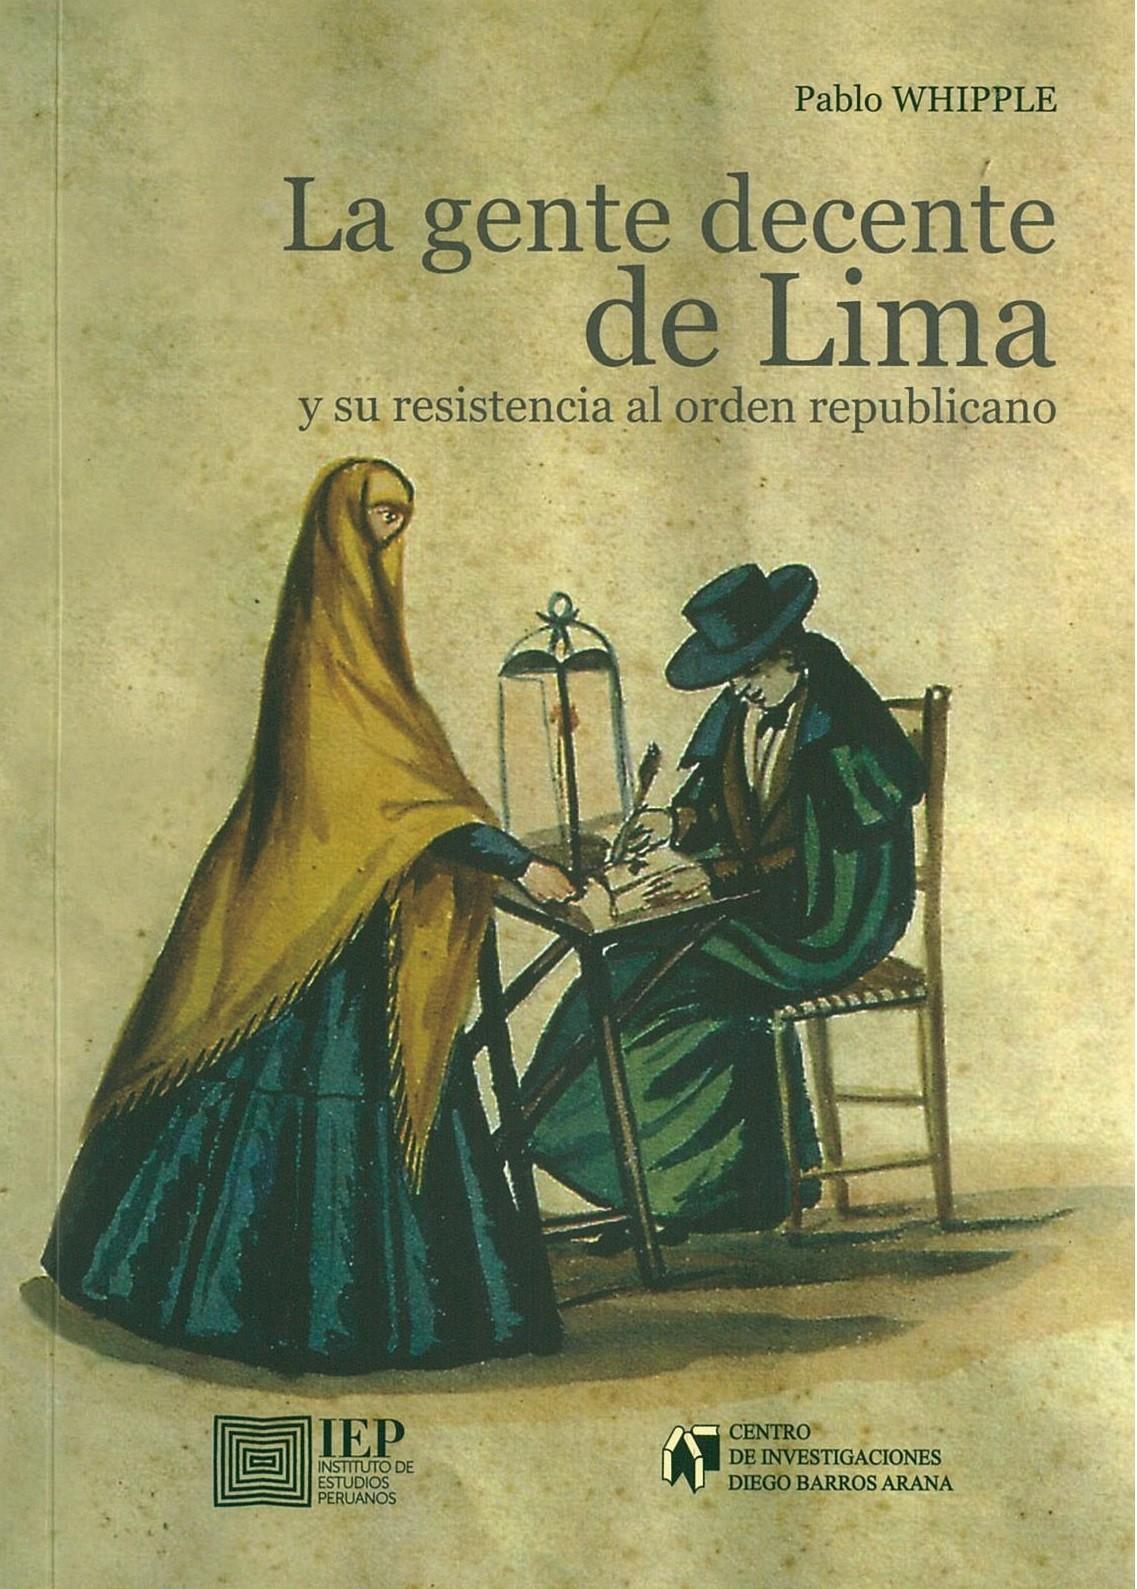 La gente decente de Lima y su resistencia al orden republicano